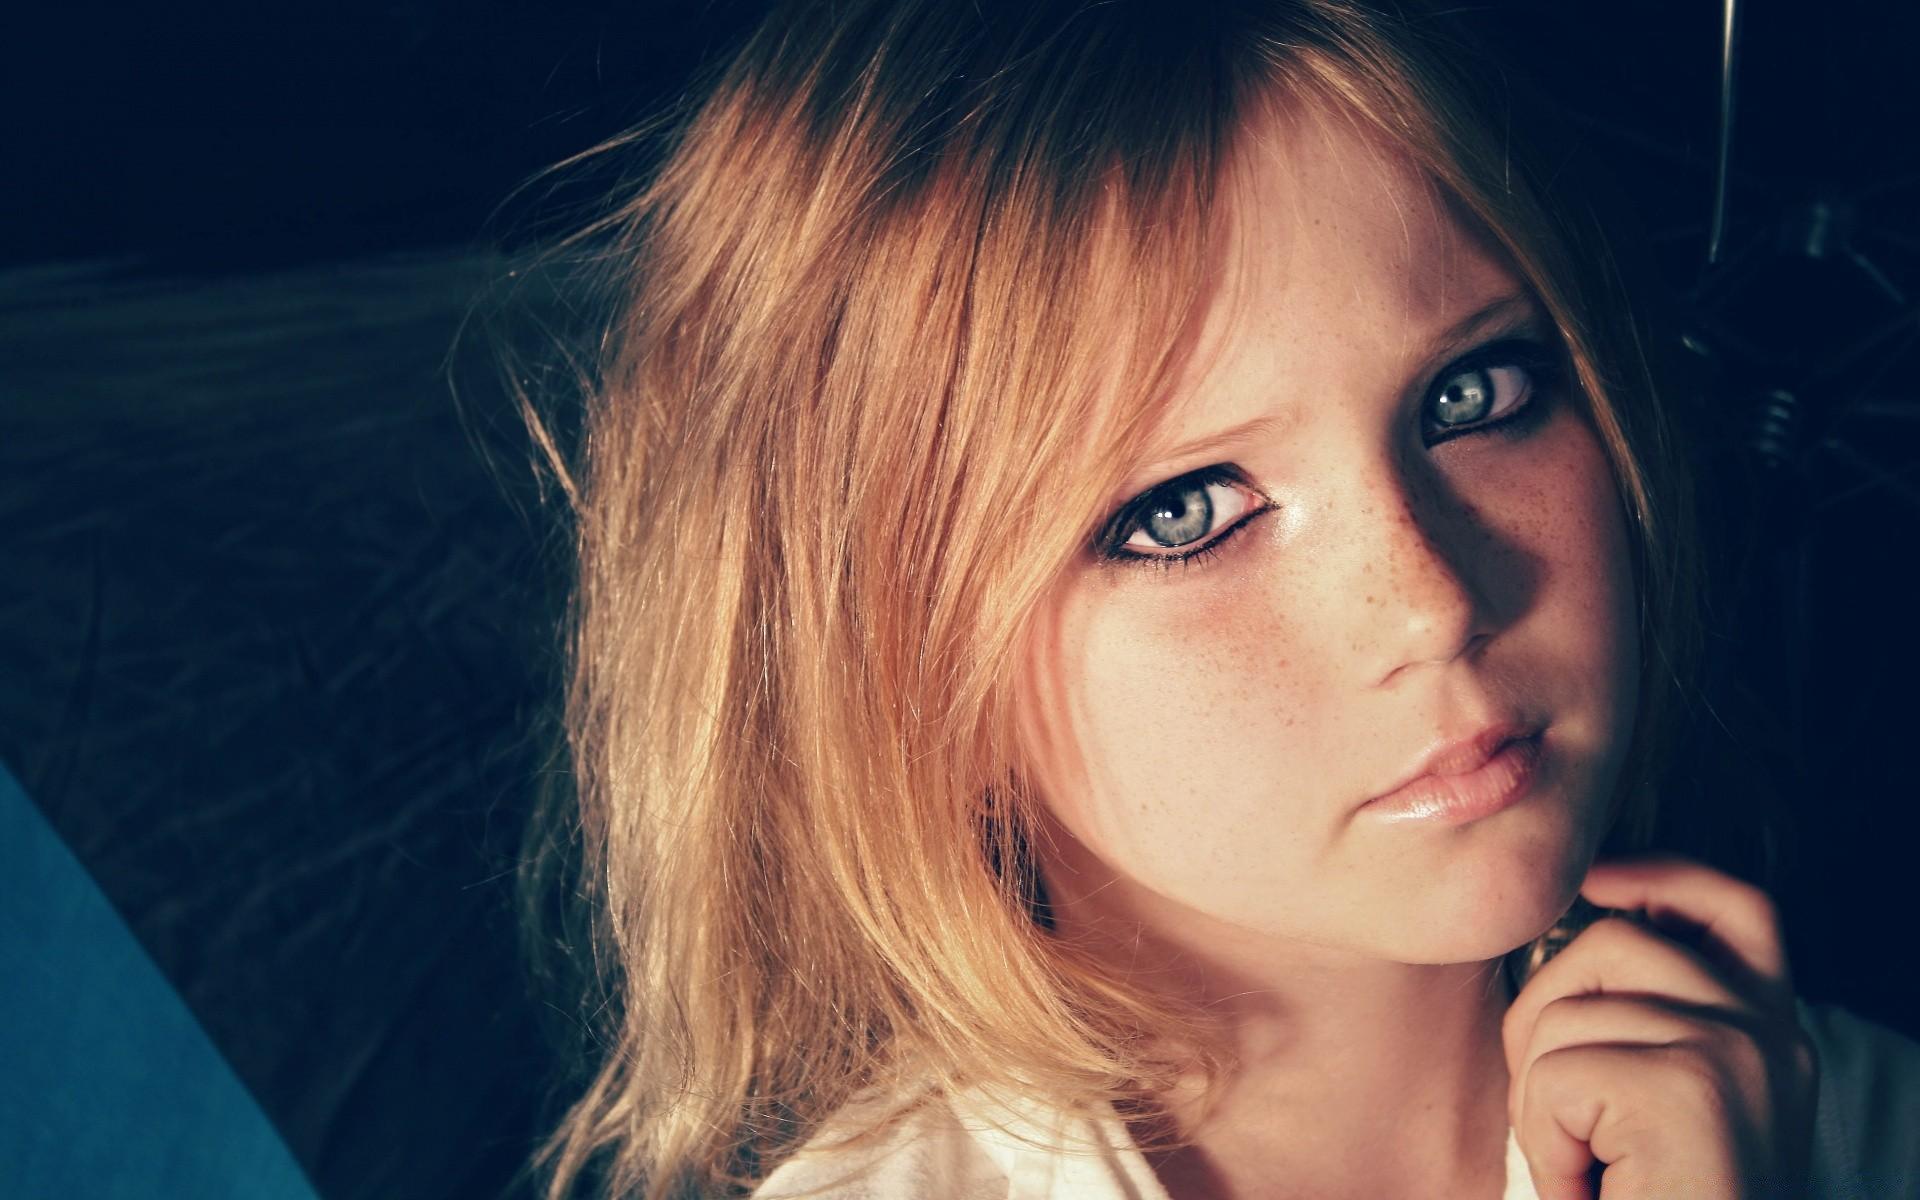 Смотреть фото молодых красивых девочек в домашнем, Откровенные снимки молодых русских девушек 15 фотография